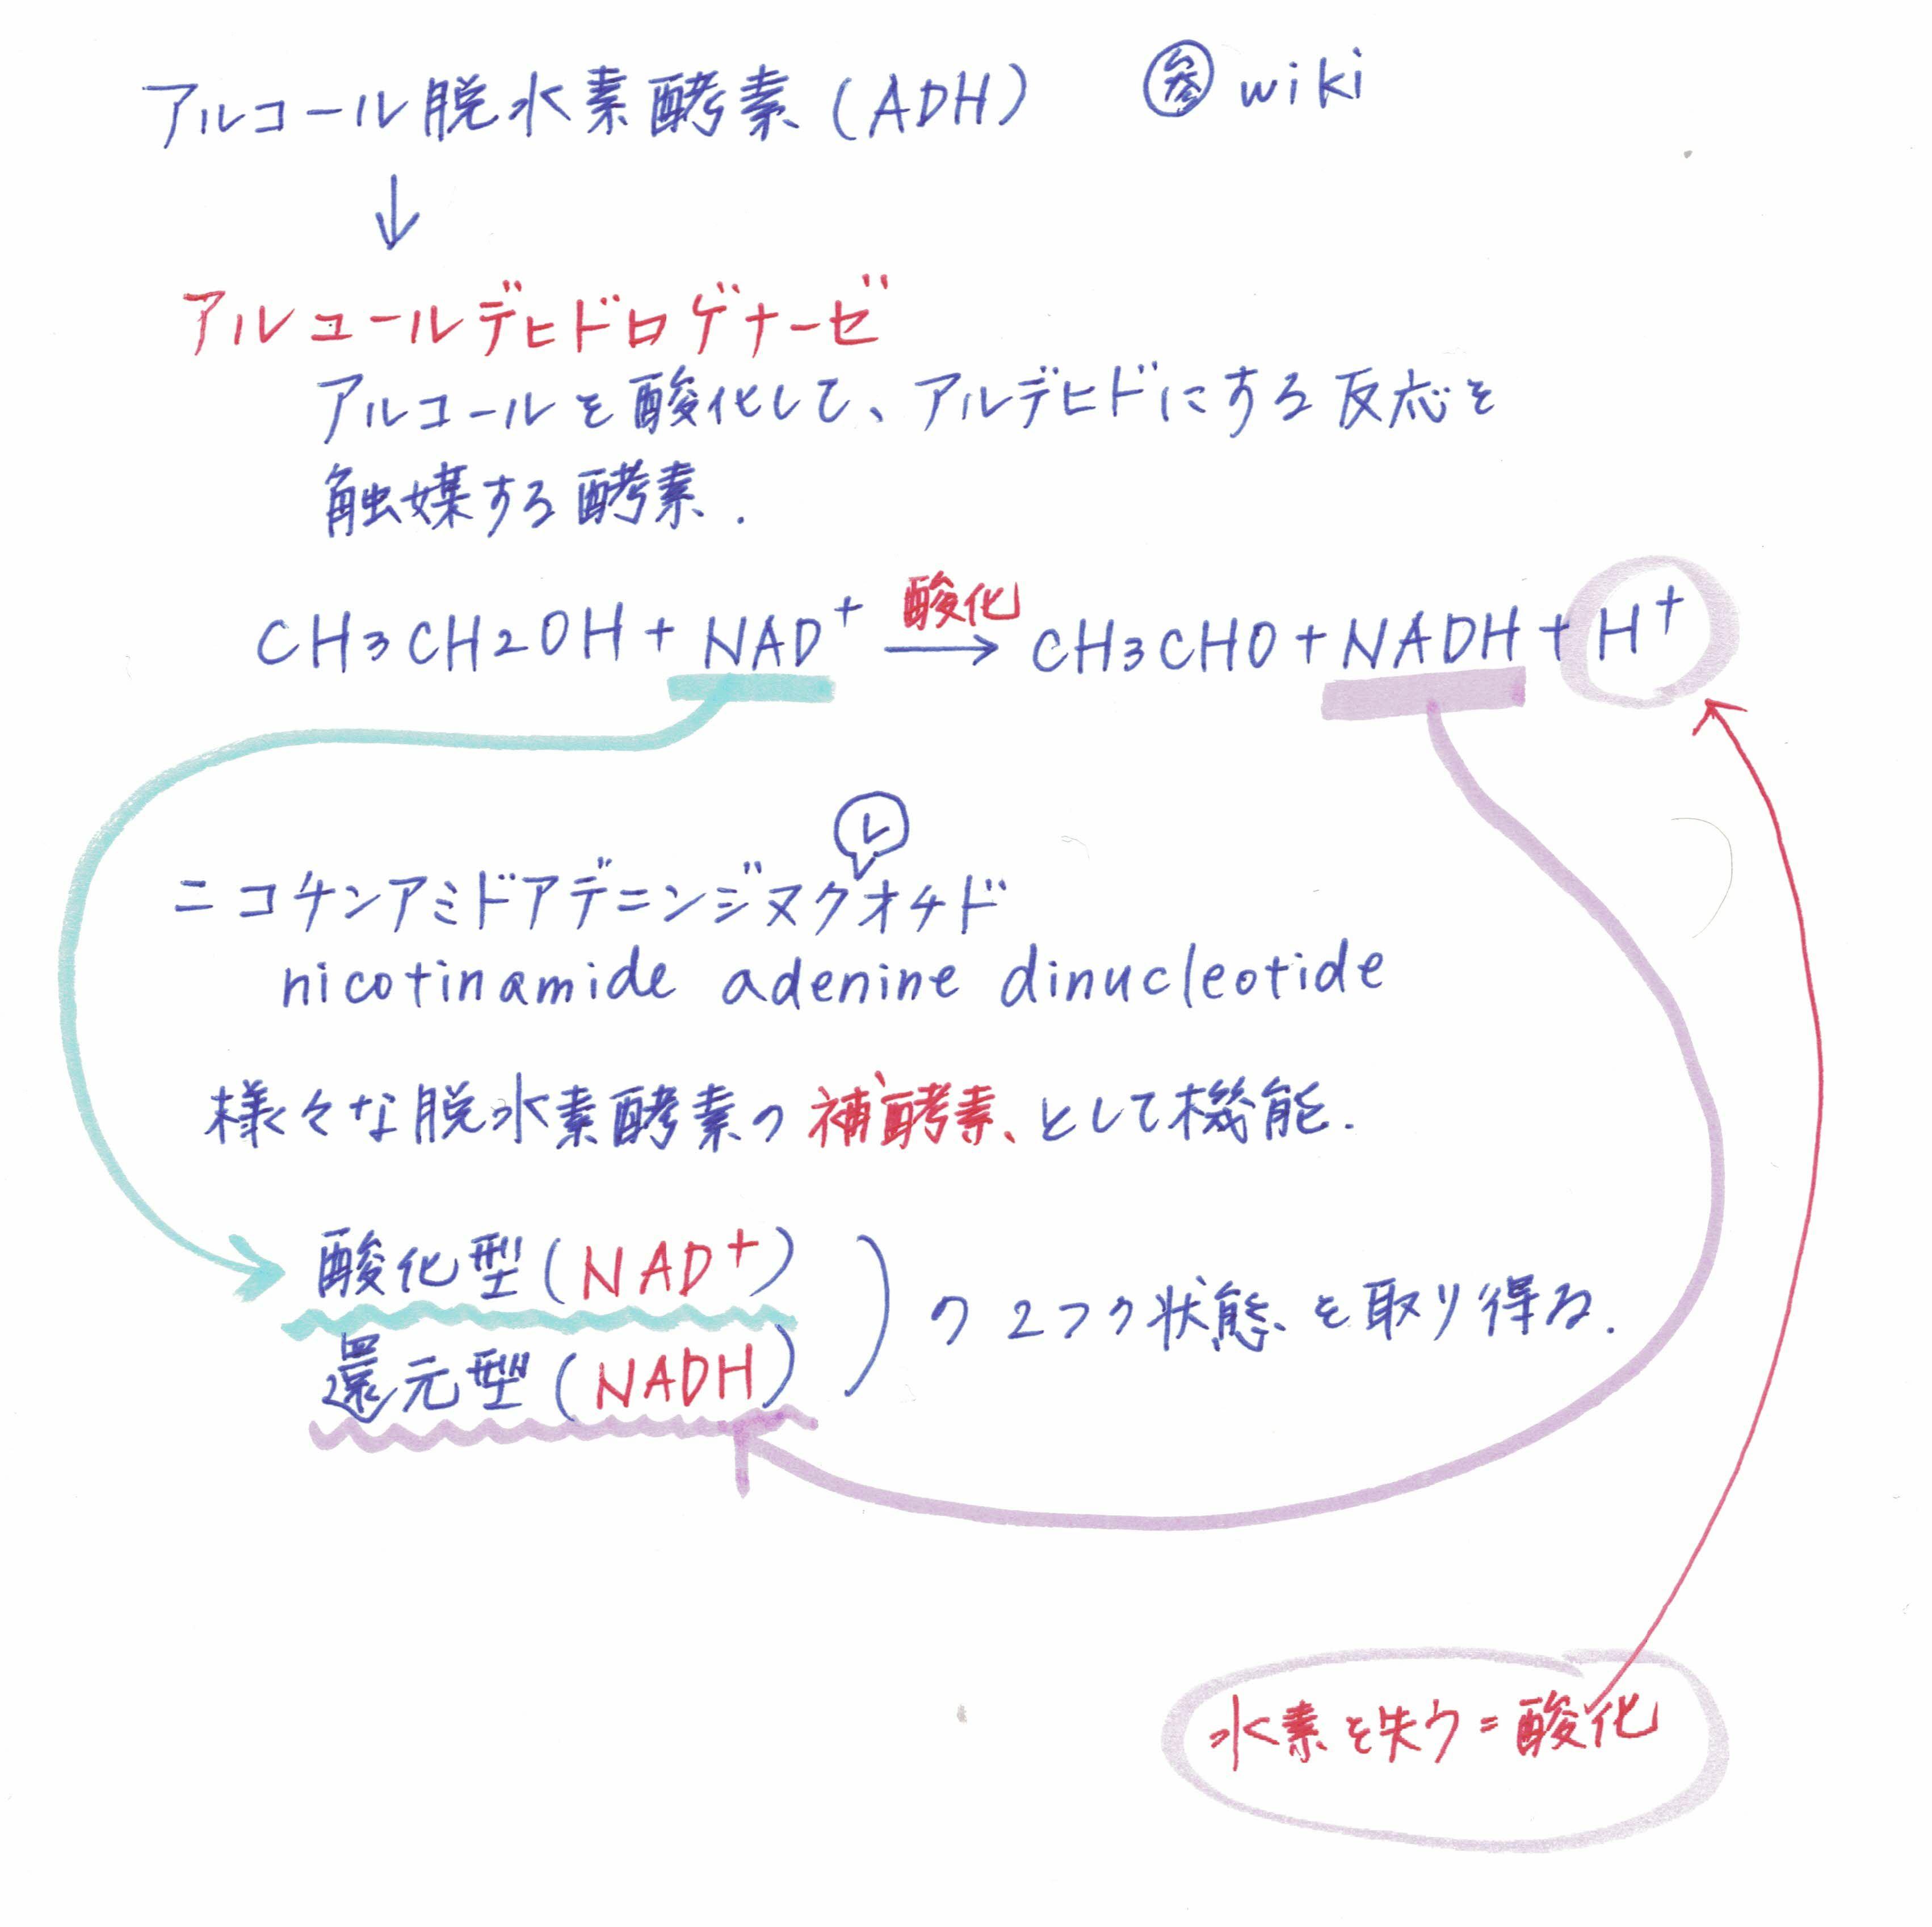 アルコール脱水素酵素(ADH)